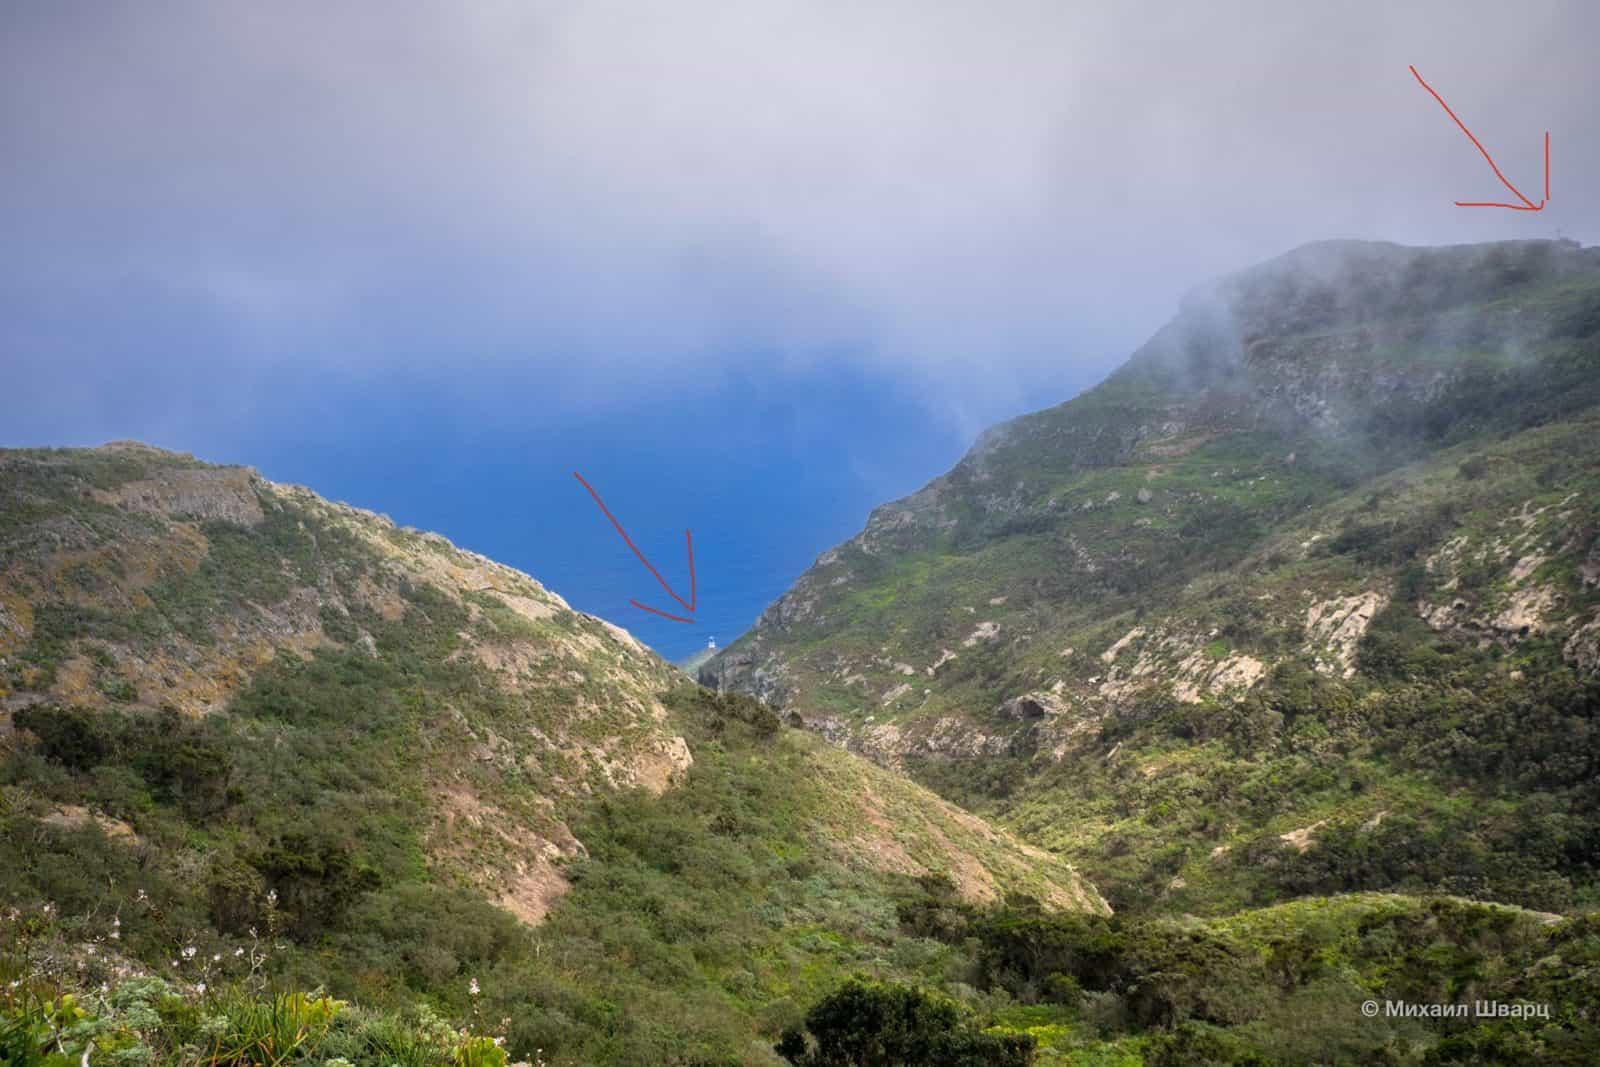 Дорога к маяку Faro de Anaga пройдет через одинокое дерево